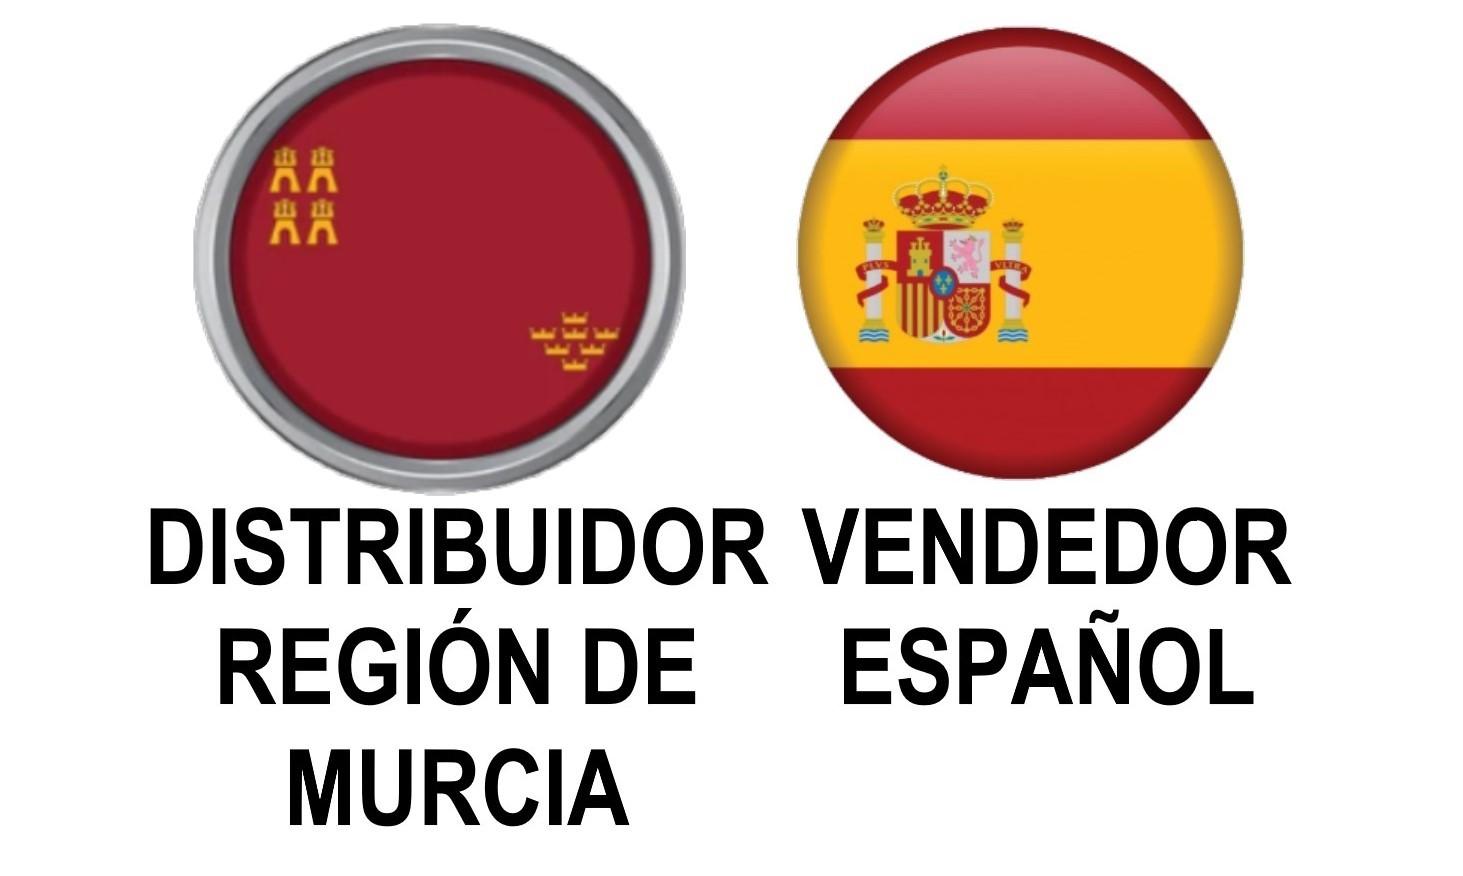 DISTRIBUIDOR DE LA REGIÓN DE MURCIA, ESPAÑA